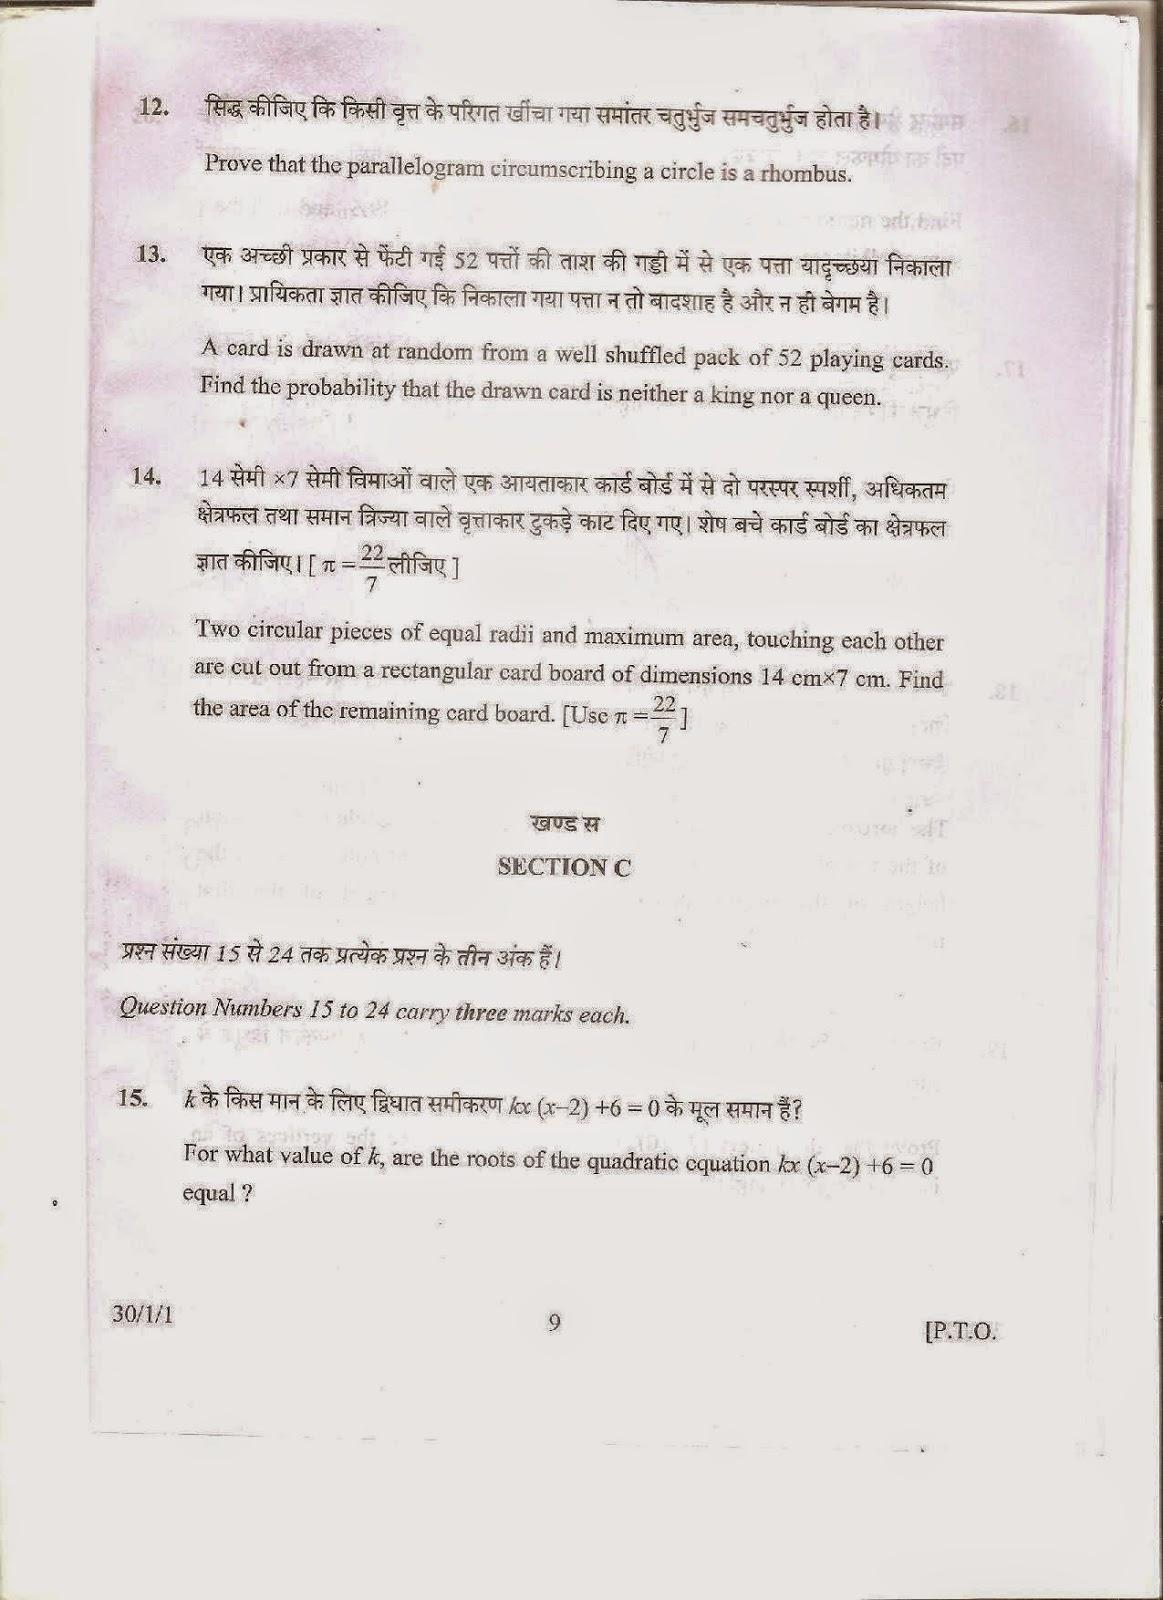 cbse class 10th mathematics question paper 2013